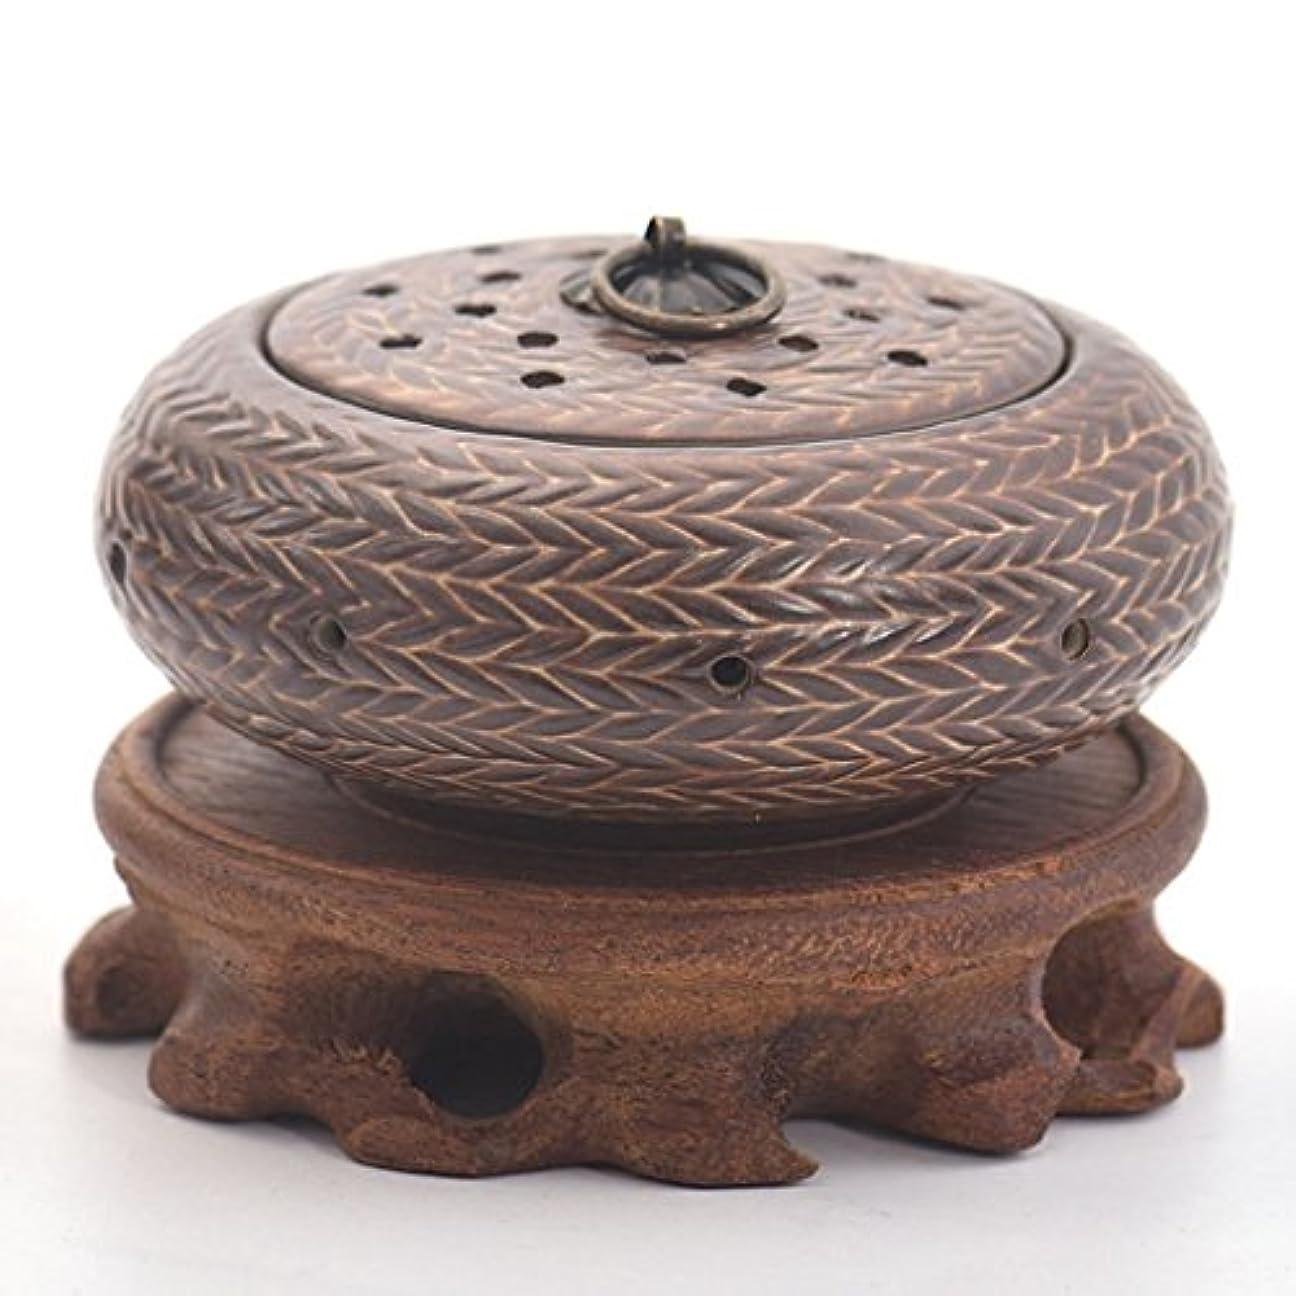 キウイ消化器適度な(ラシューバー) Lasuiveur 陶磁器 香炉 香立て 線香立て お香立て